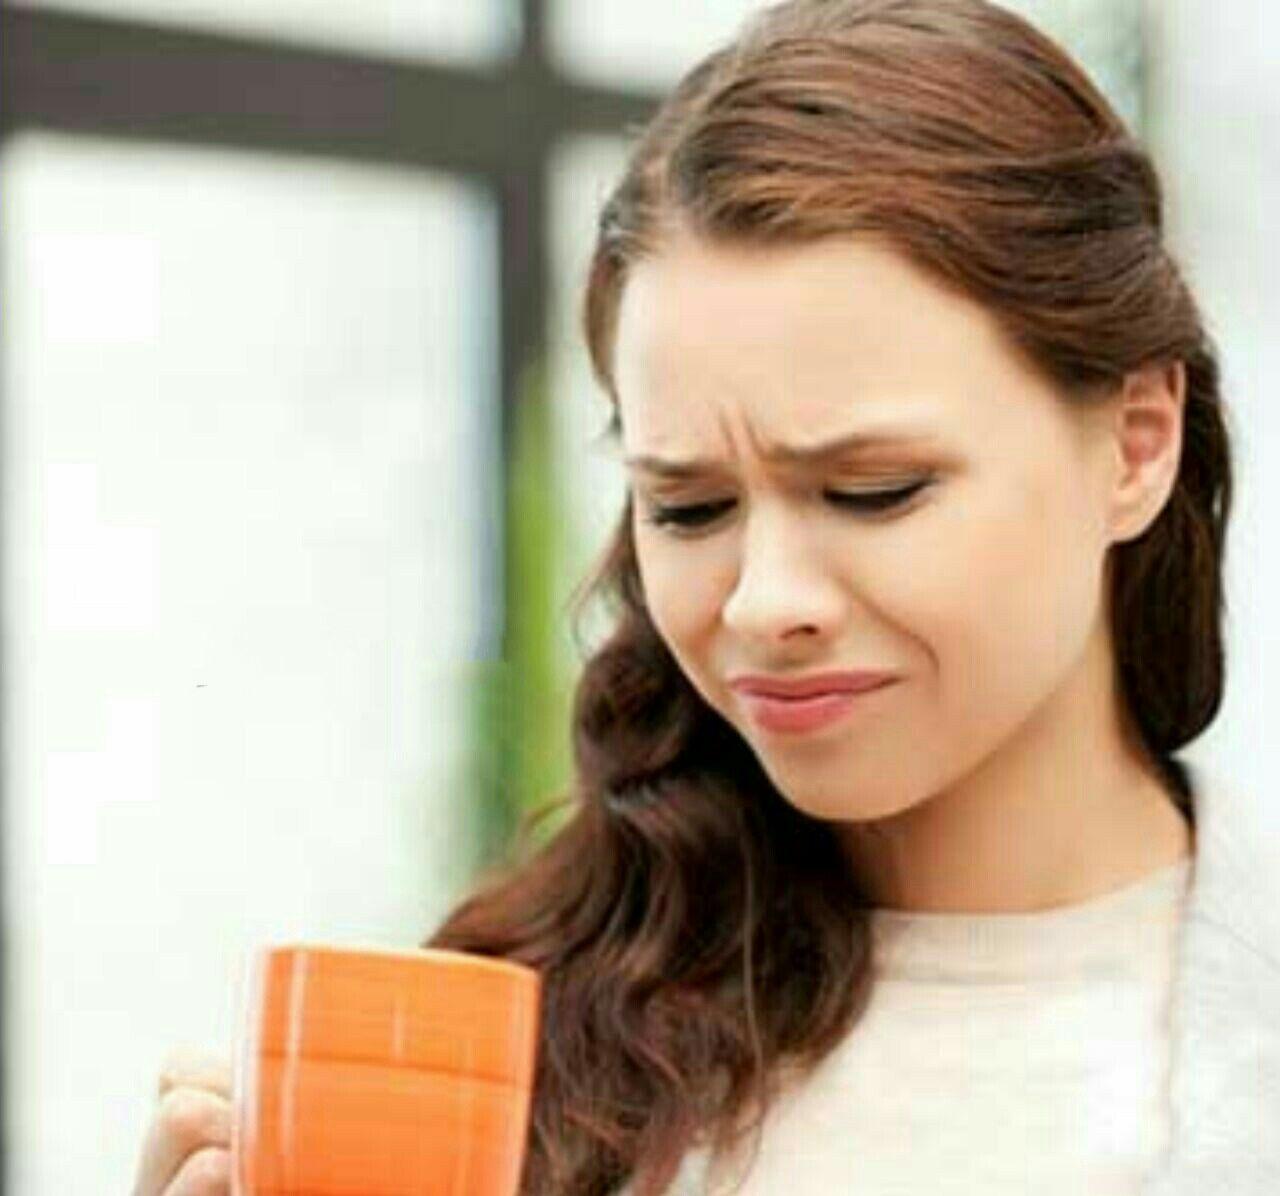 دلایل و عوارض تلخی دهان + توصیه هاى درمانى